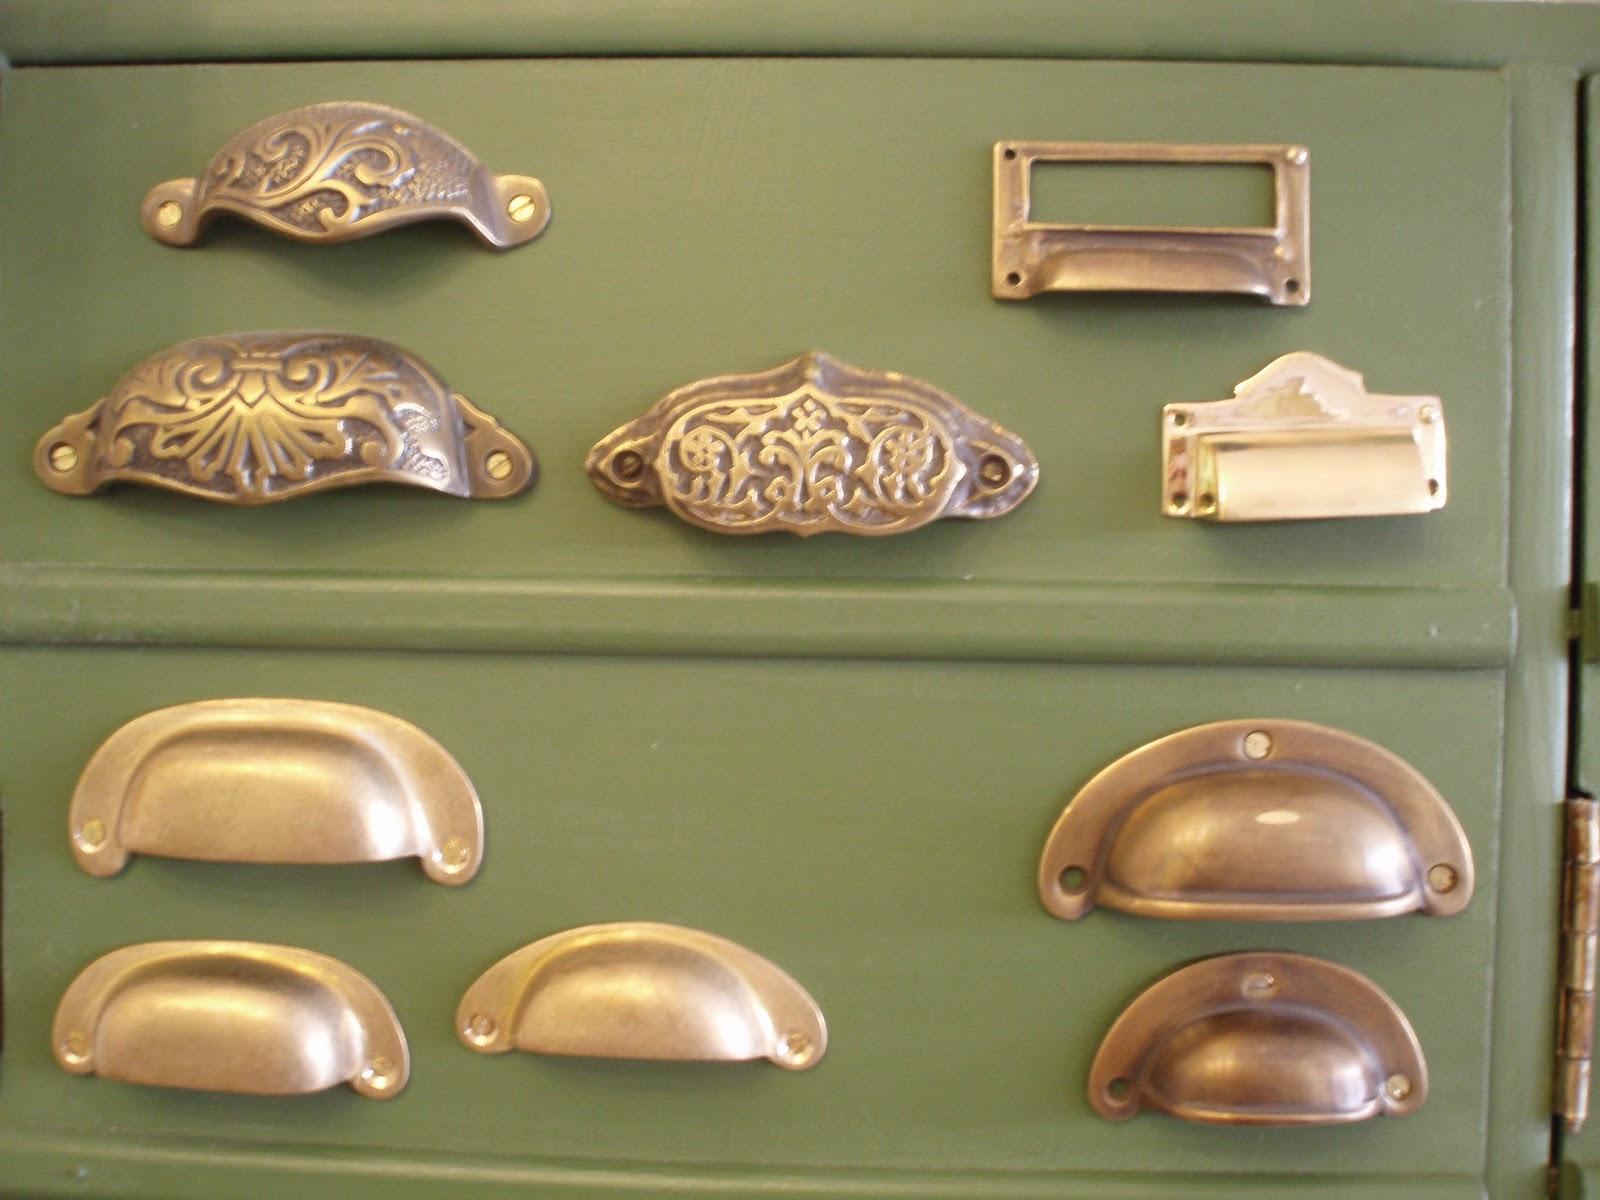 Maravilloso De tiradores originales para muebles Simplifícalas aún más - Audrey de extrarradio: Algunos tiradores